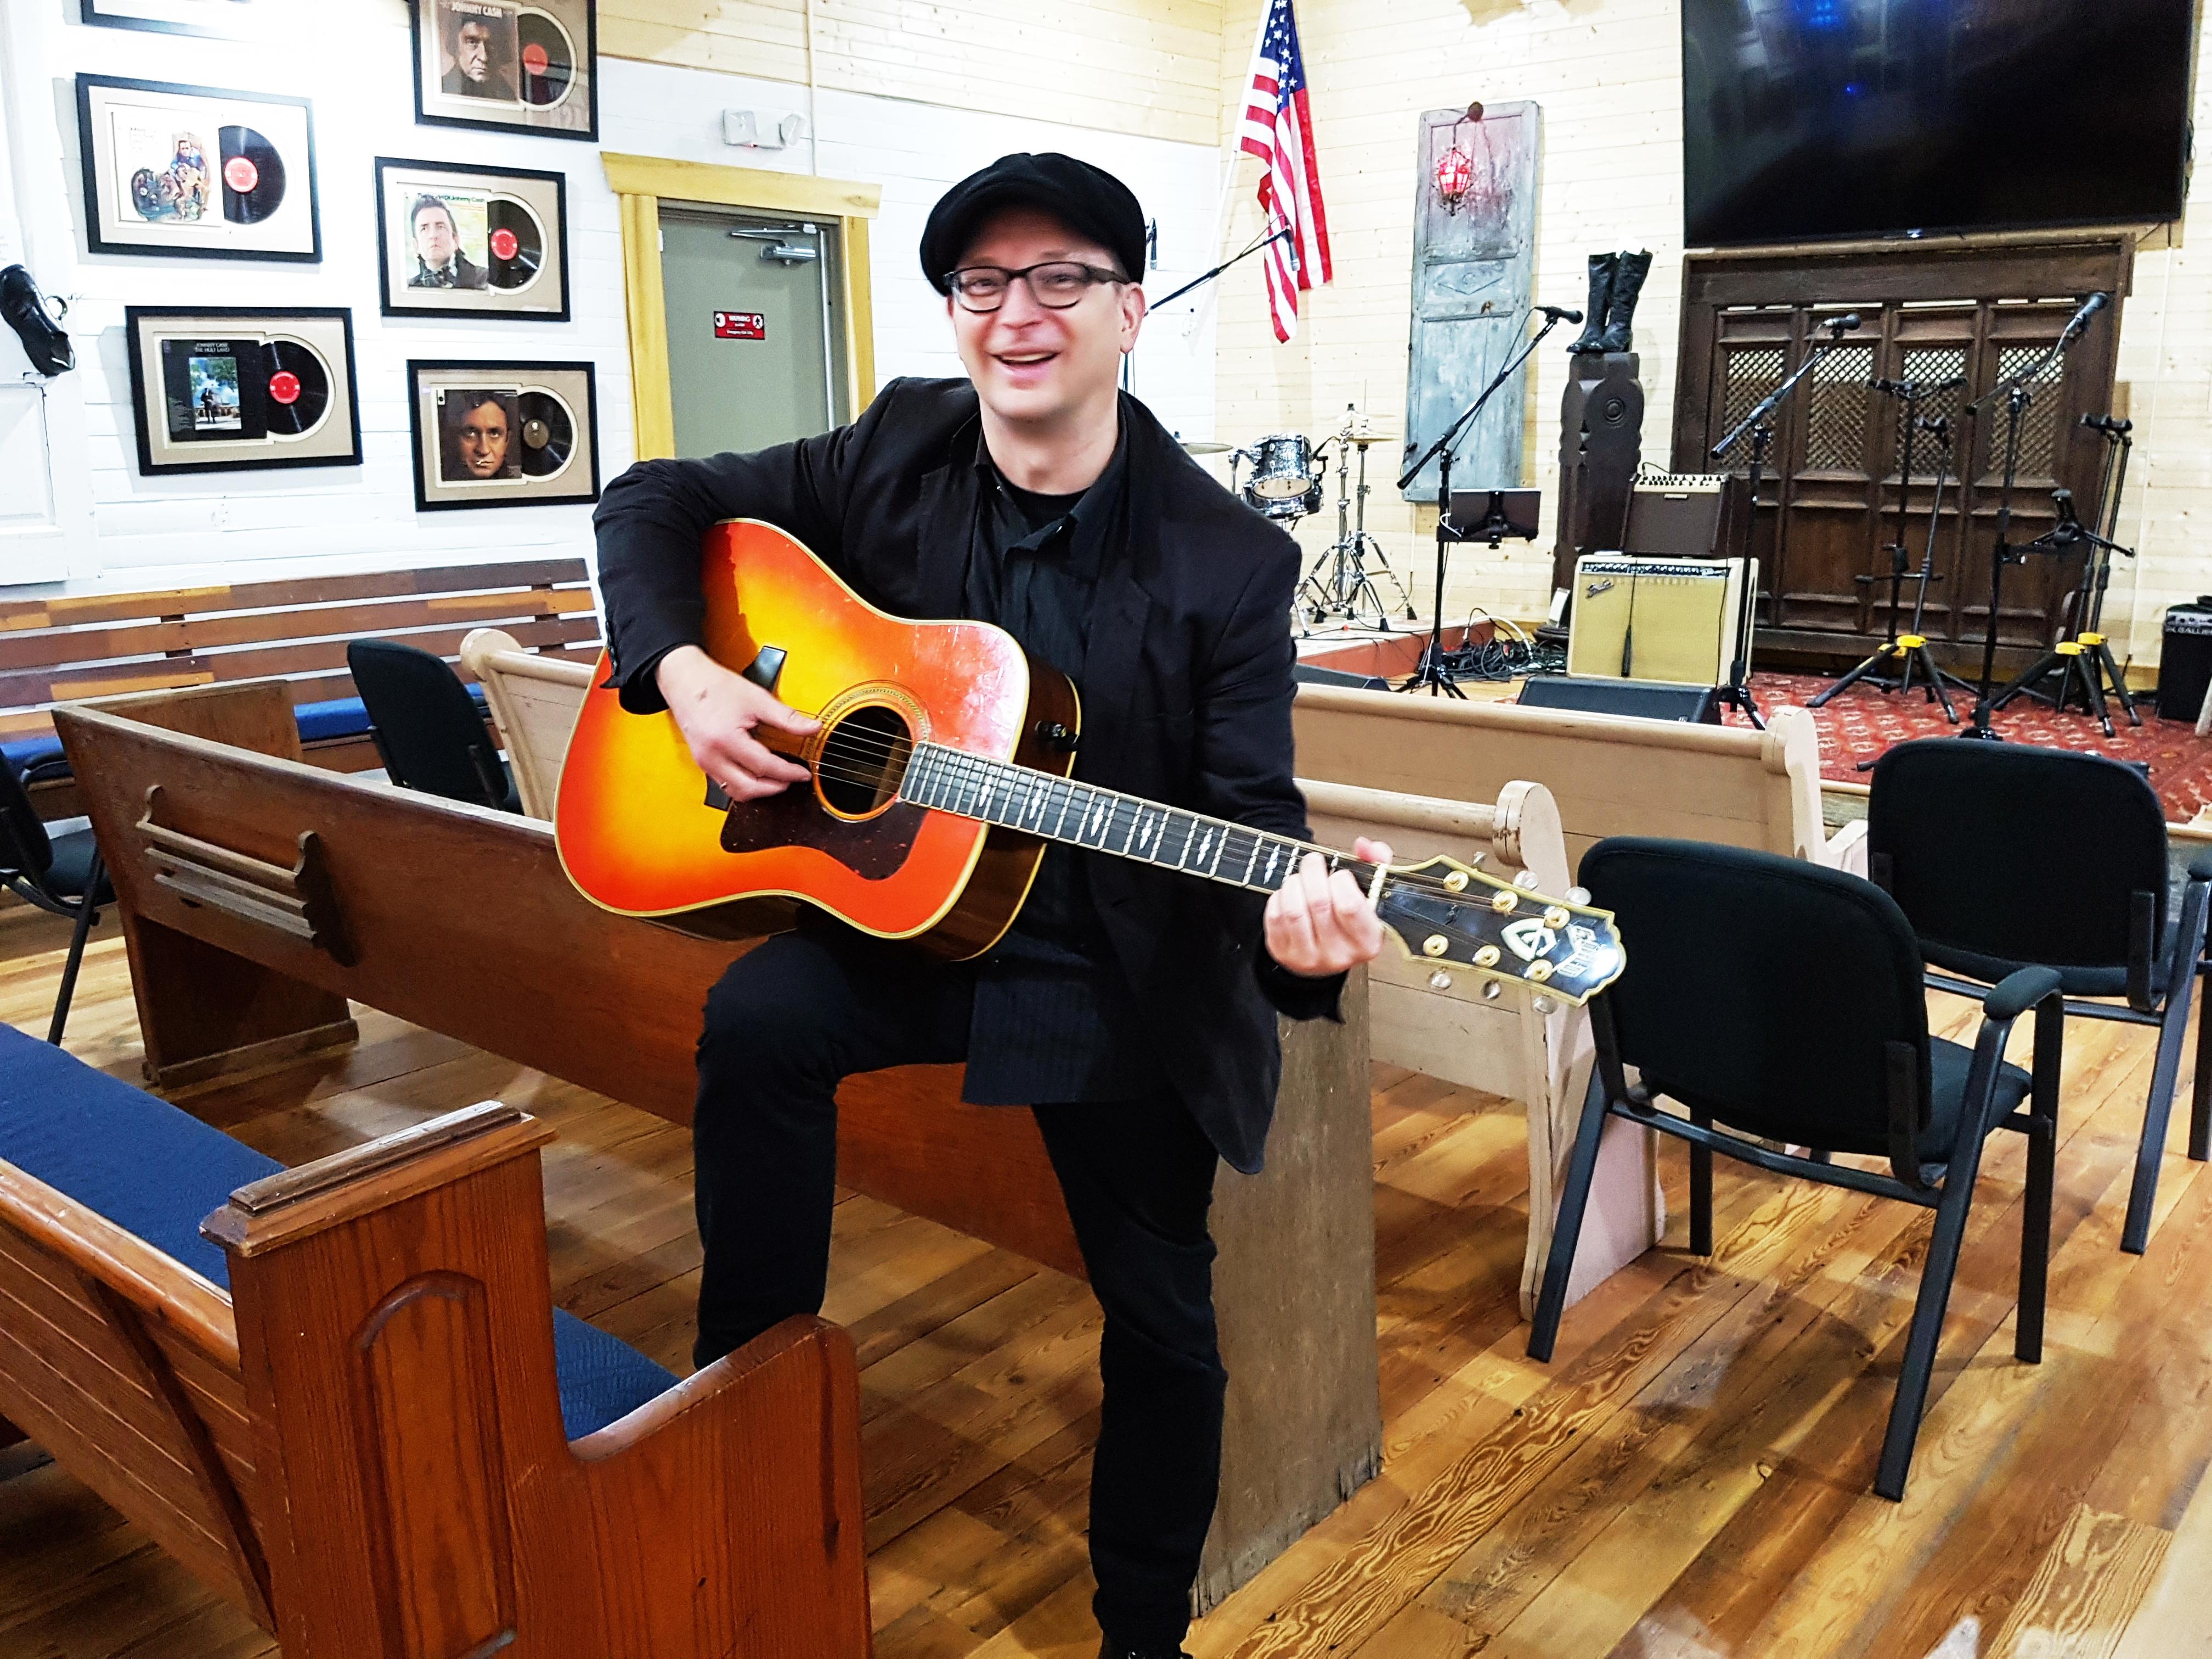 Mit der Gitarre von Johnny Cash im Storytellers Museum in Bon Aqua kurz vor meinem spontanen Auftritt